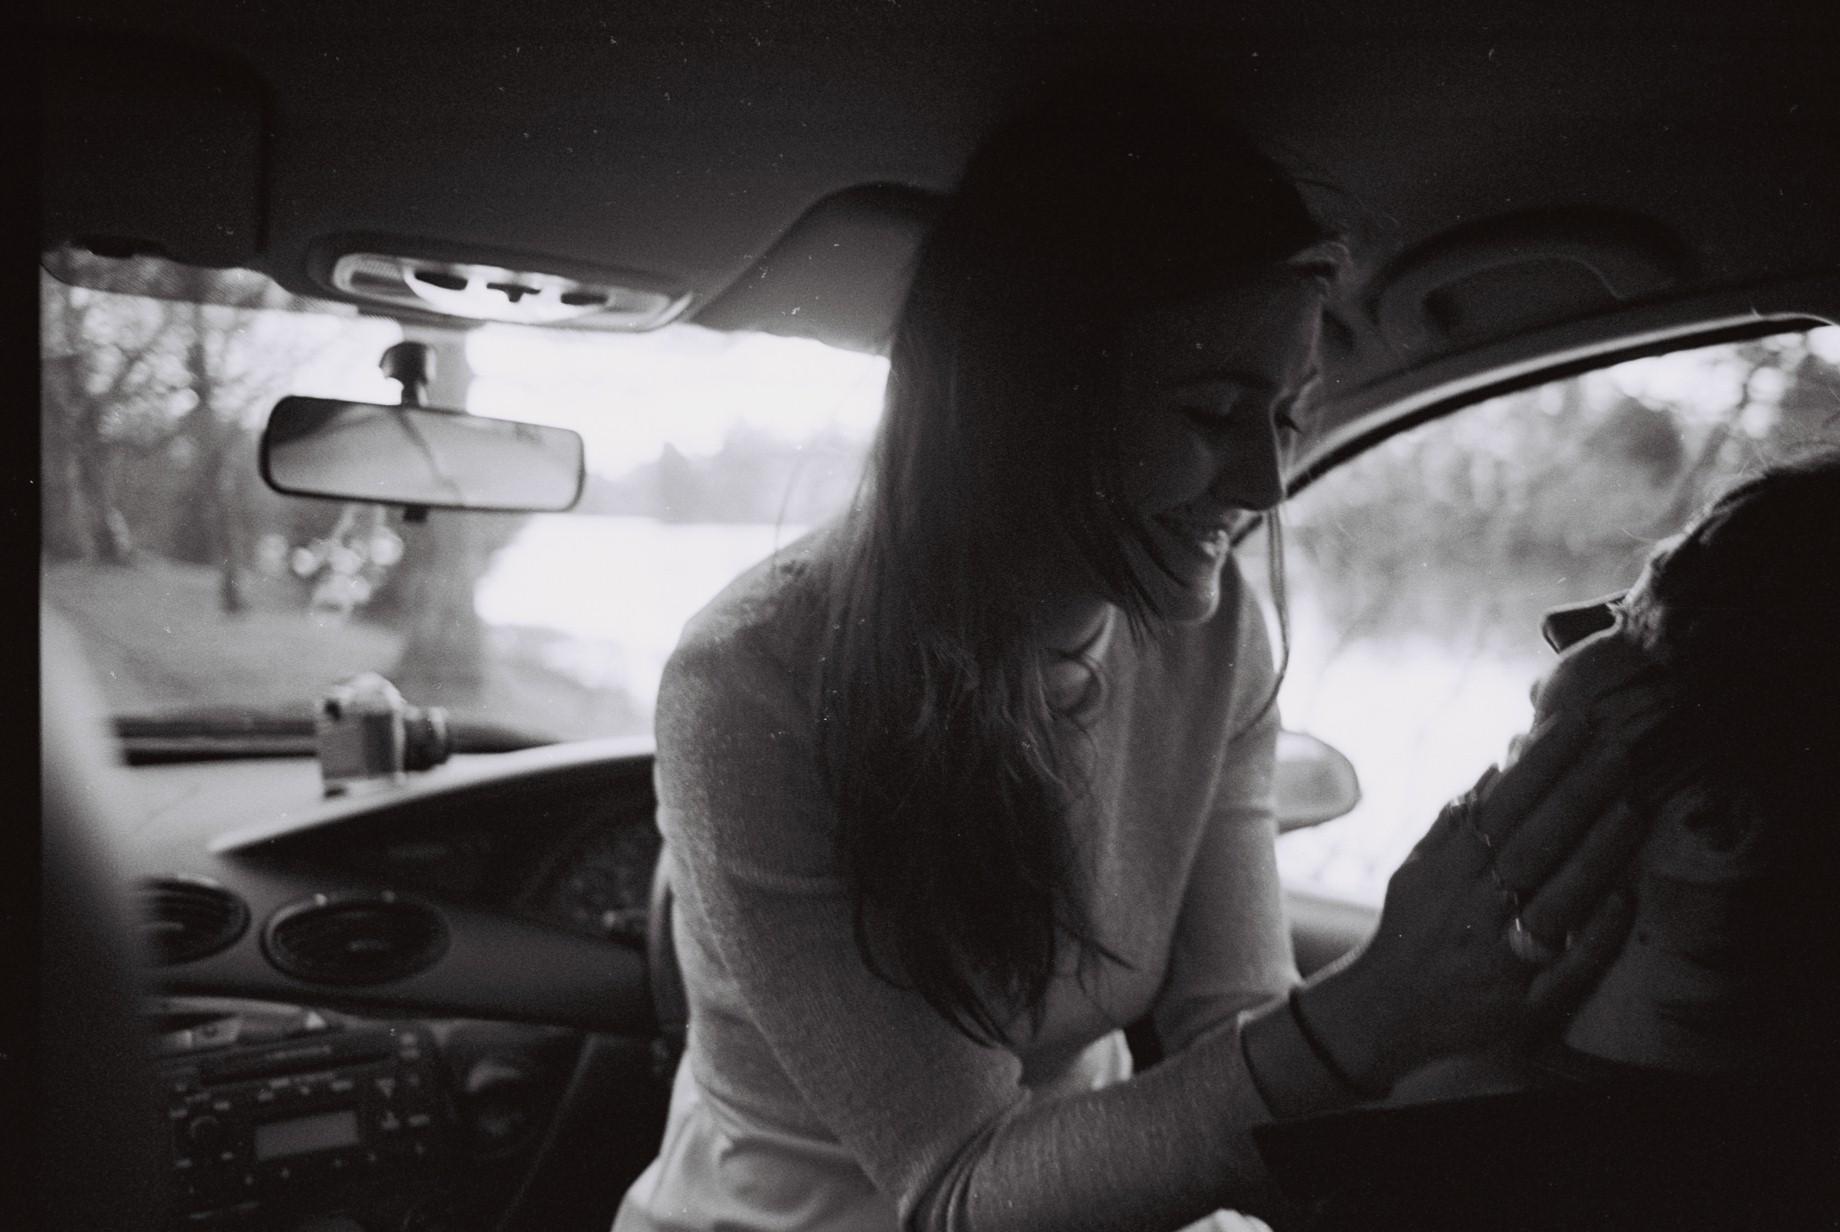 paar beim sex in autos